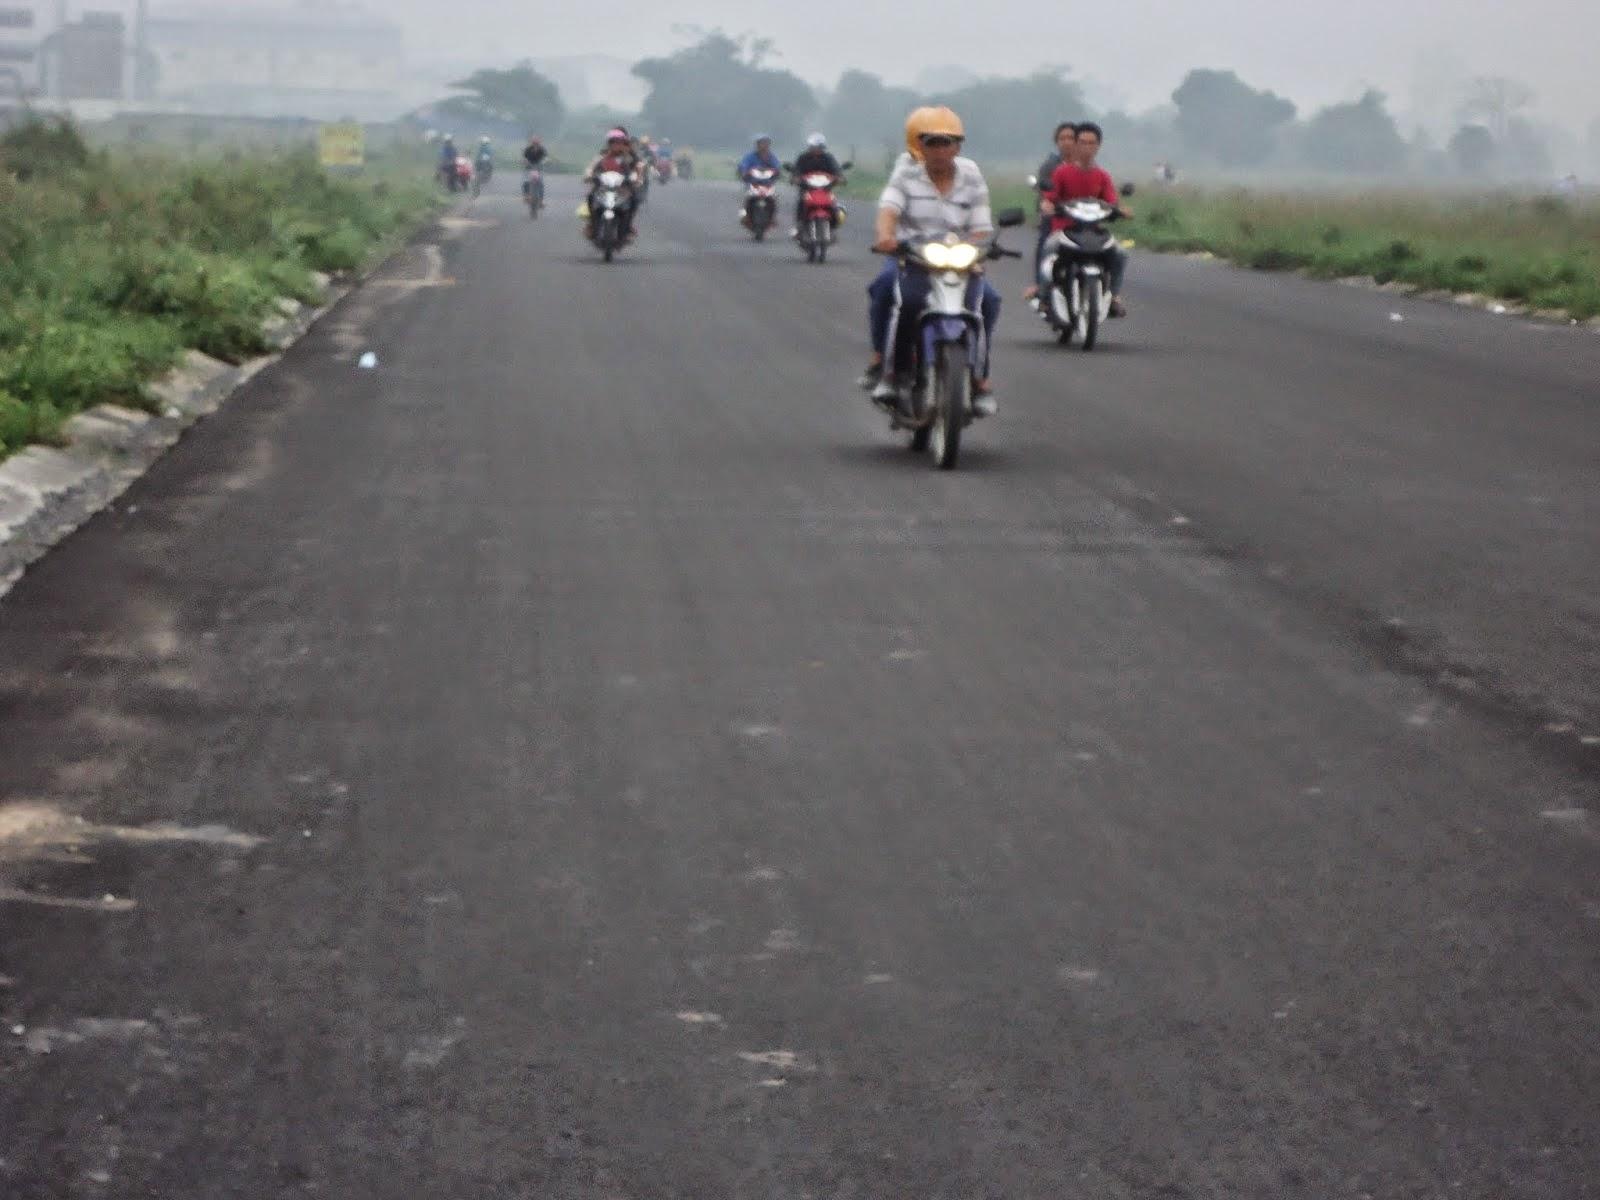 Bán đất nền Việt Sing, VSIP 1 Bình Dương ảnh 3